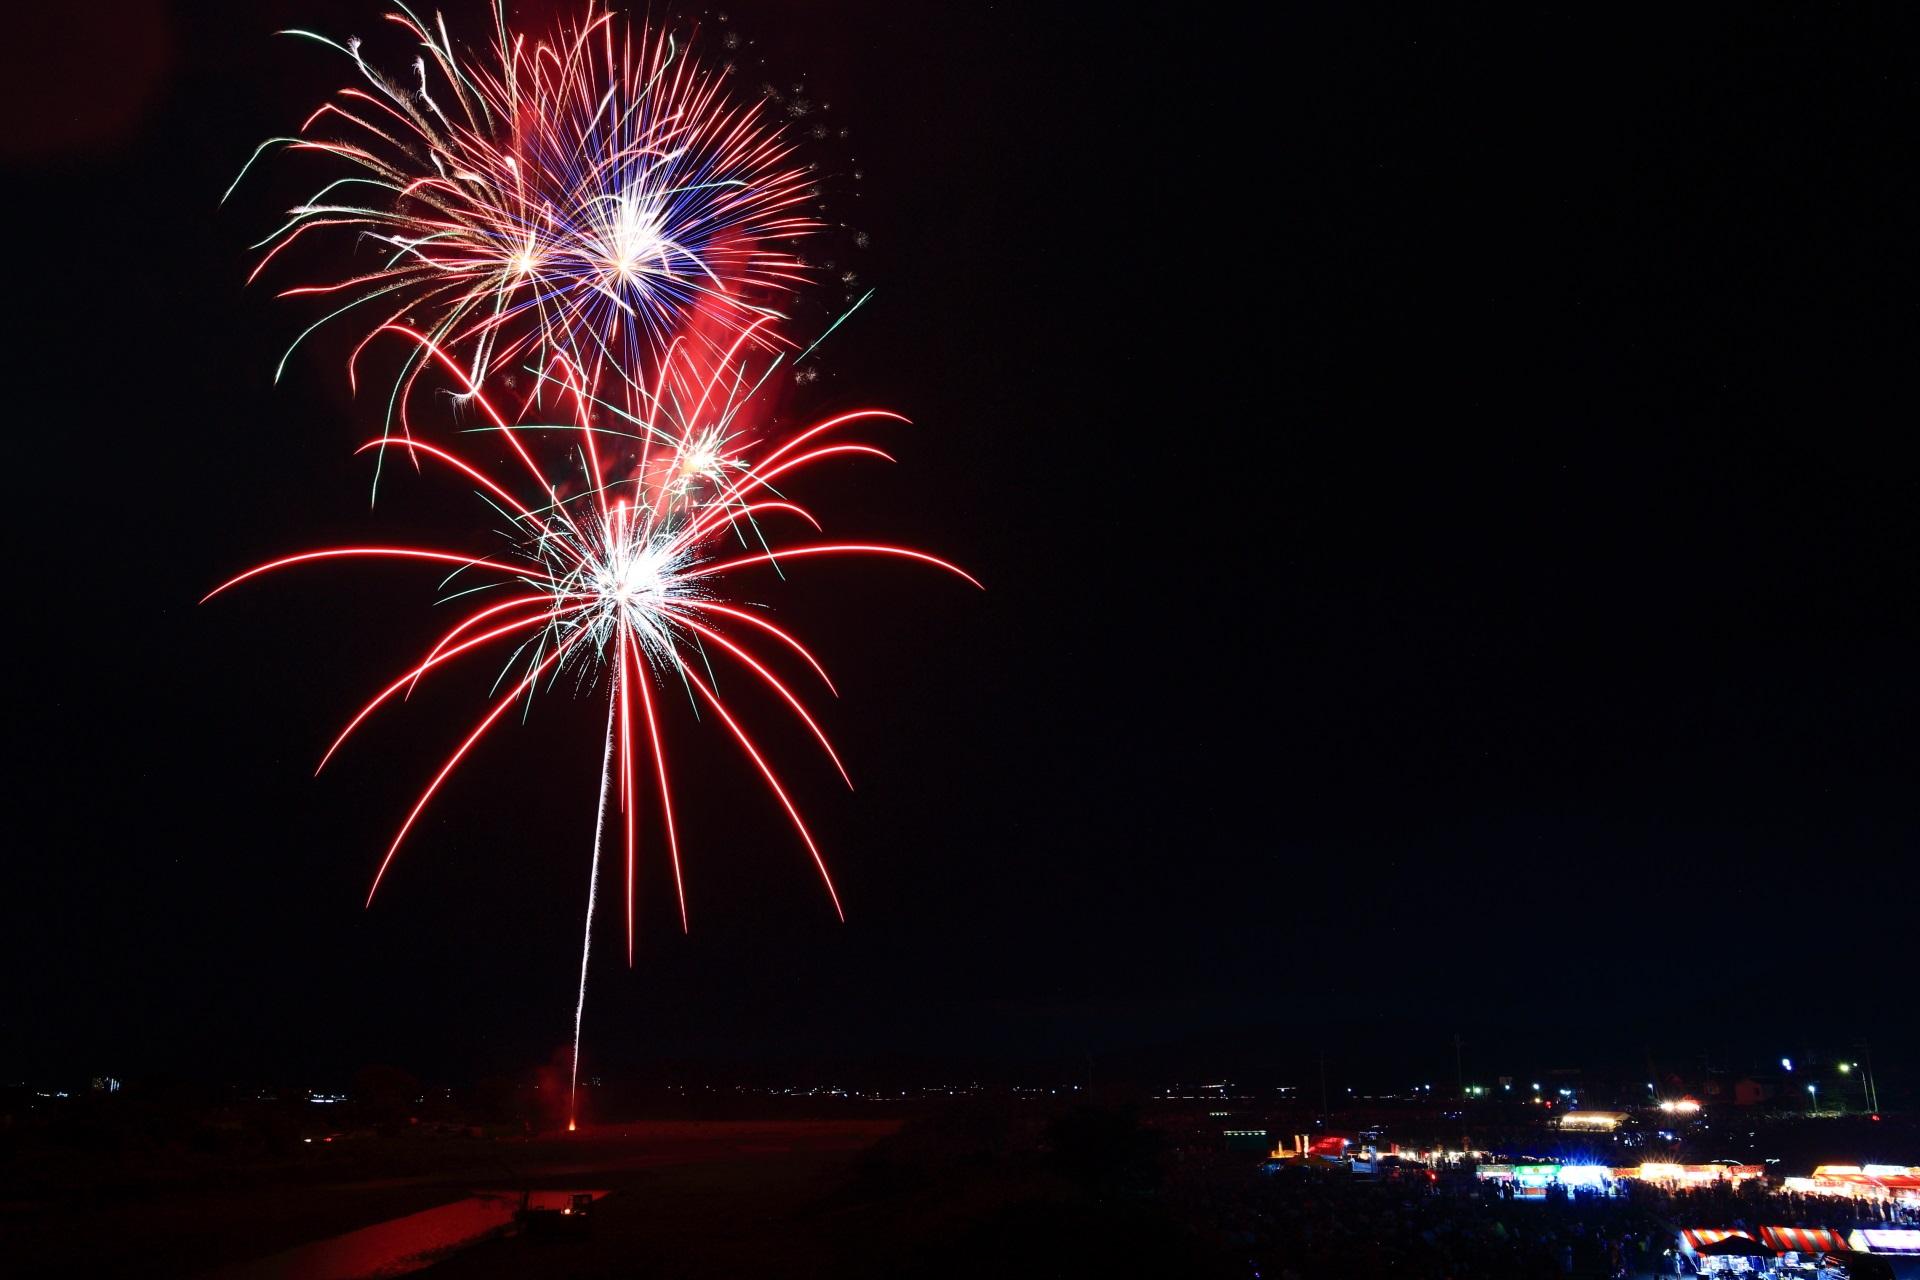 打ち上げ場所は保津川(桂川)沿いの大堰川緑地東公園の向かいあたりの亀岡花火大会